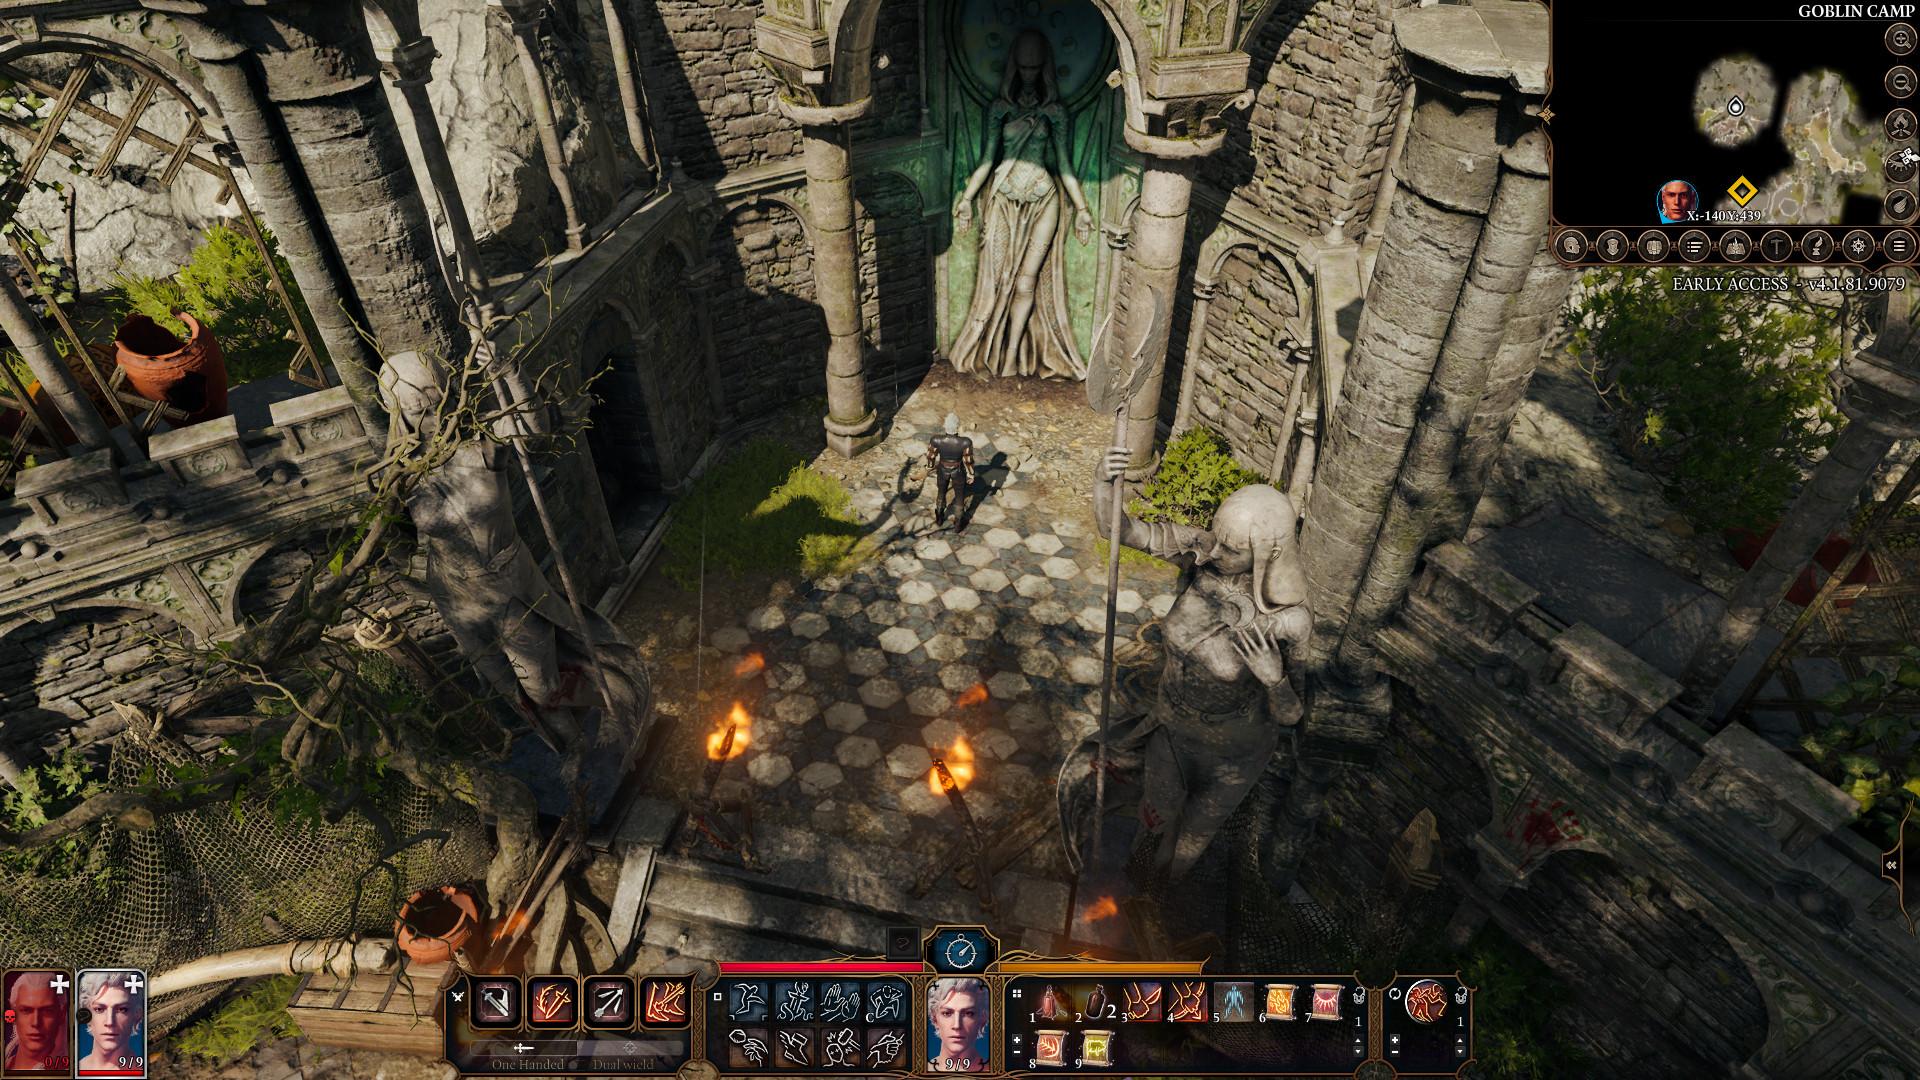 Baldur's Gate 3 Fiyat Karşılaştırma